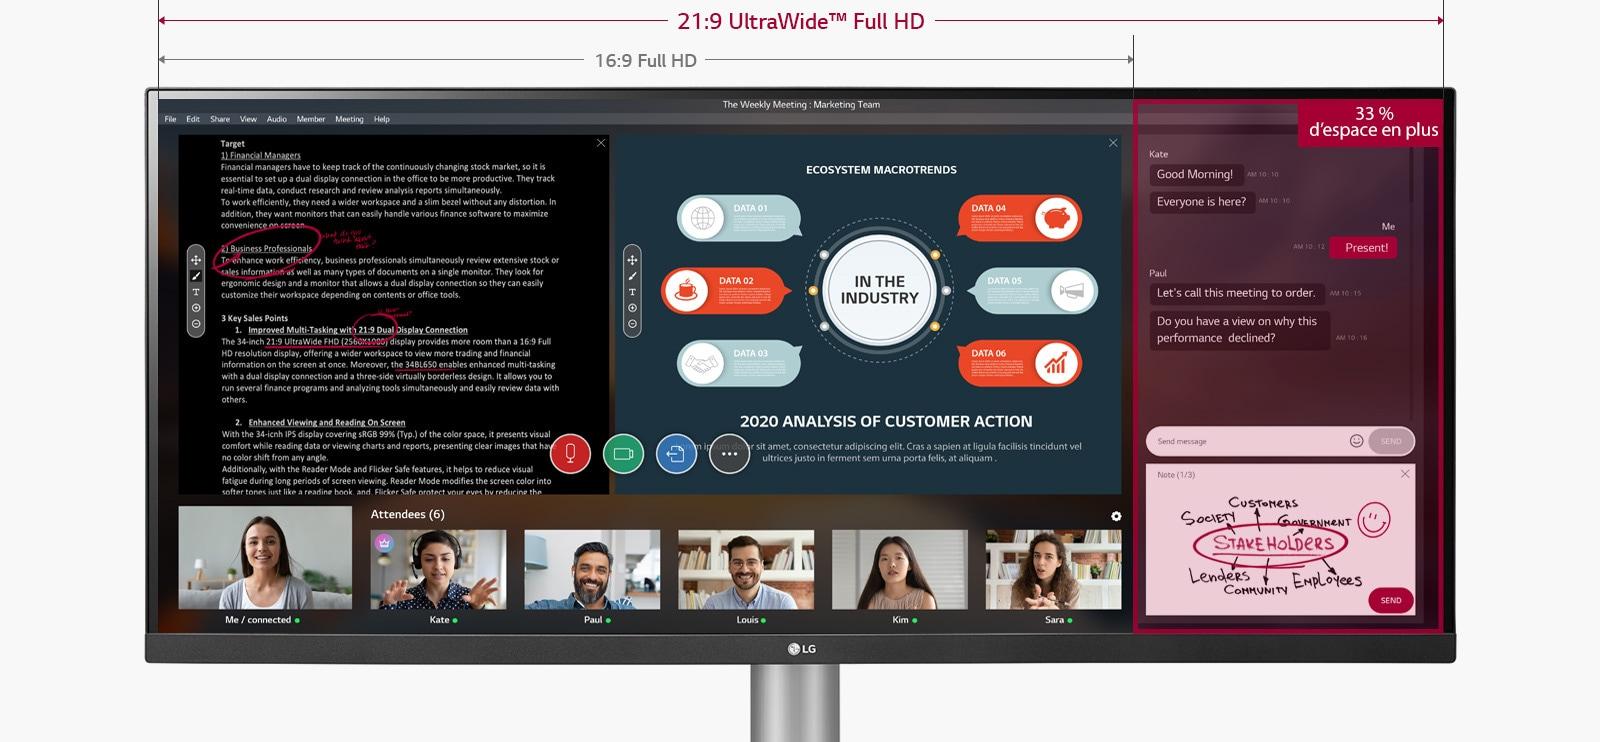 Image de l'écran avec 33% d'espace en plus de 21:9 UltraWide Full HD par rapport à un écran 16:9 Full HD avec un webinaire en cours à l'écran.